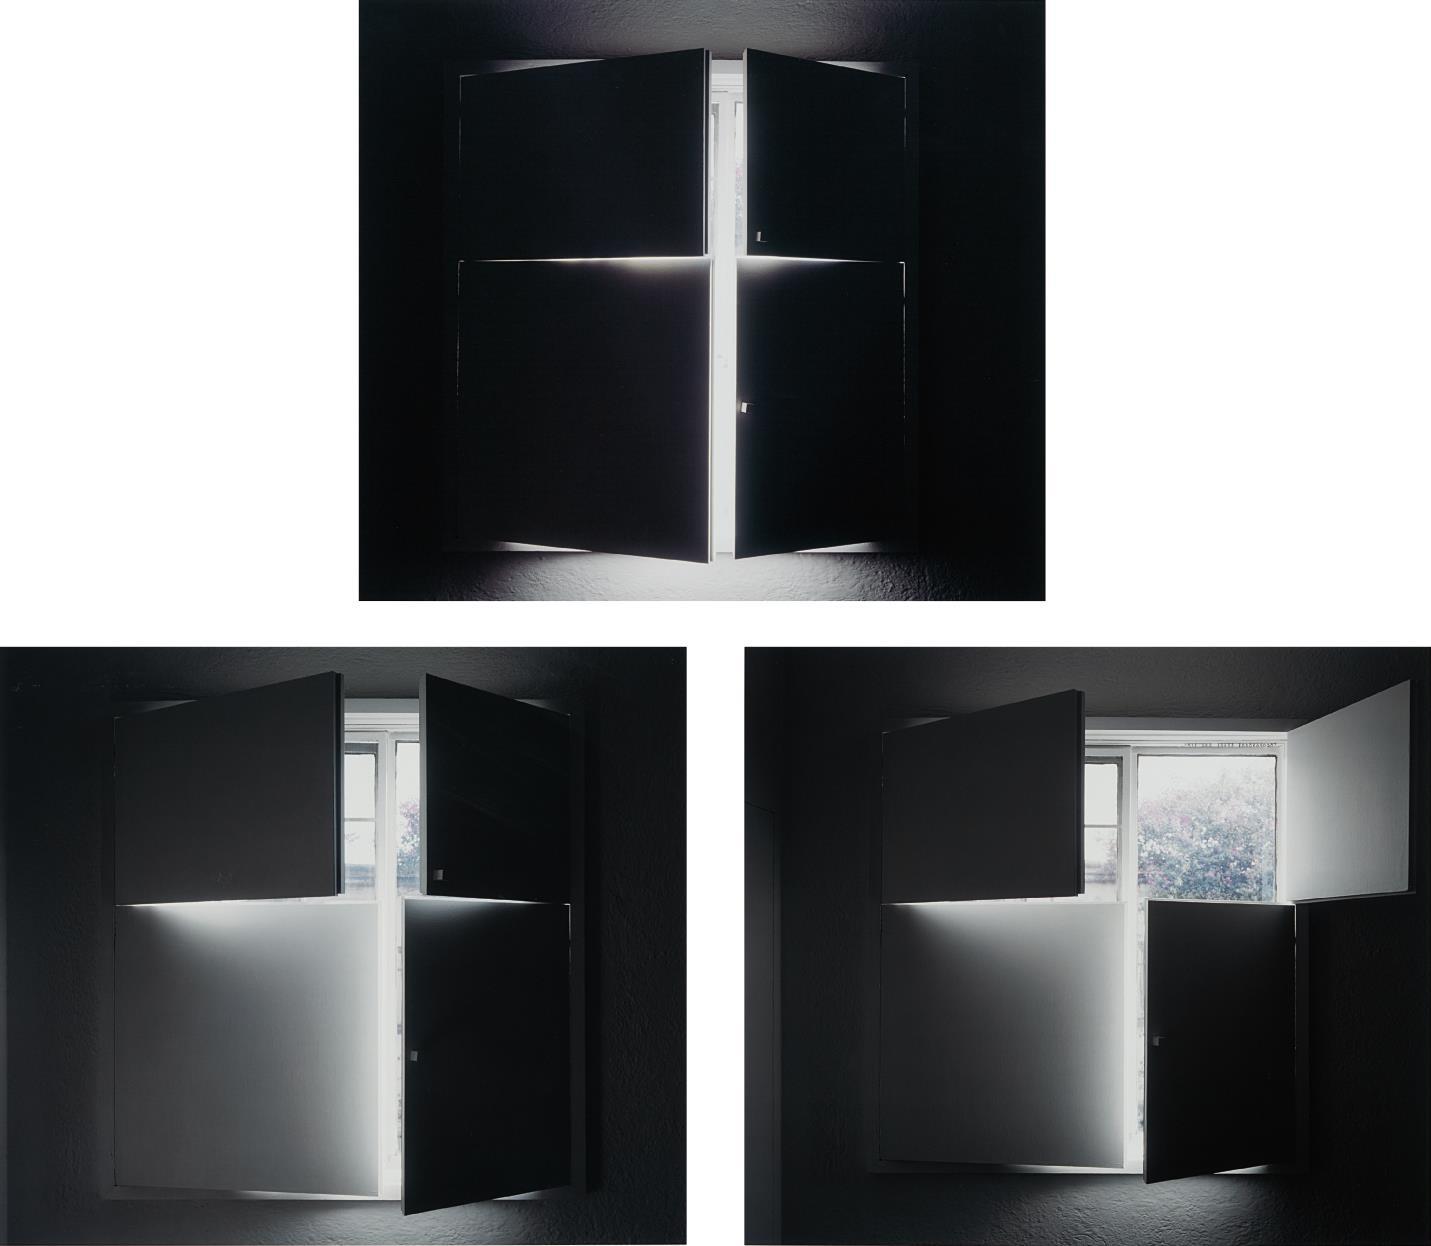 Luisa Lambri-Three Works: (i) Untitled (Barragan House #30); (ii) Untitled (Barragan House #32); (iii) Untitled (Barragan House #34)-2005